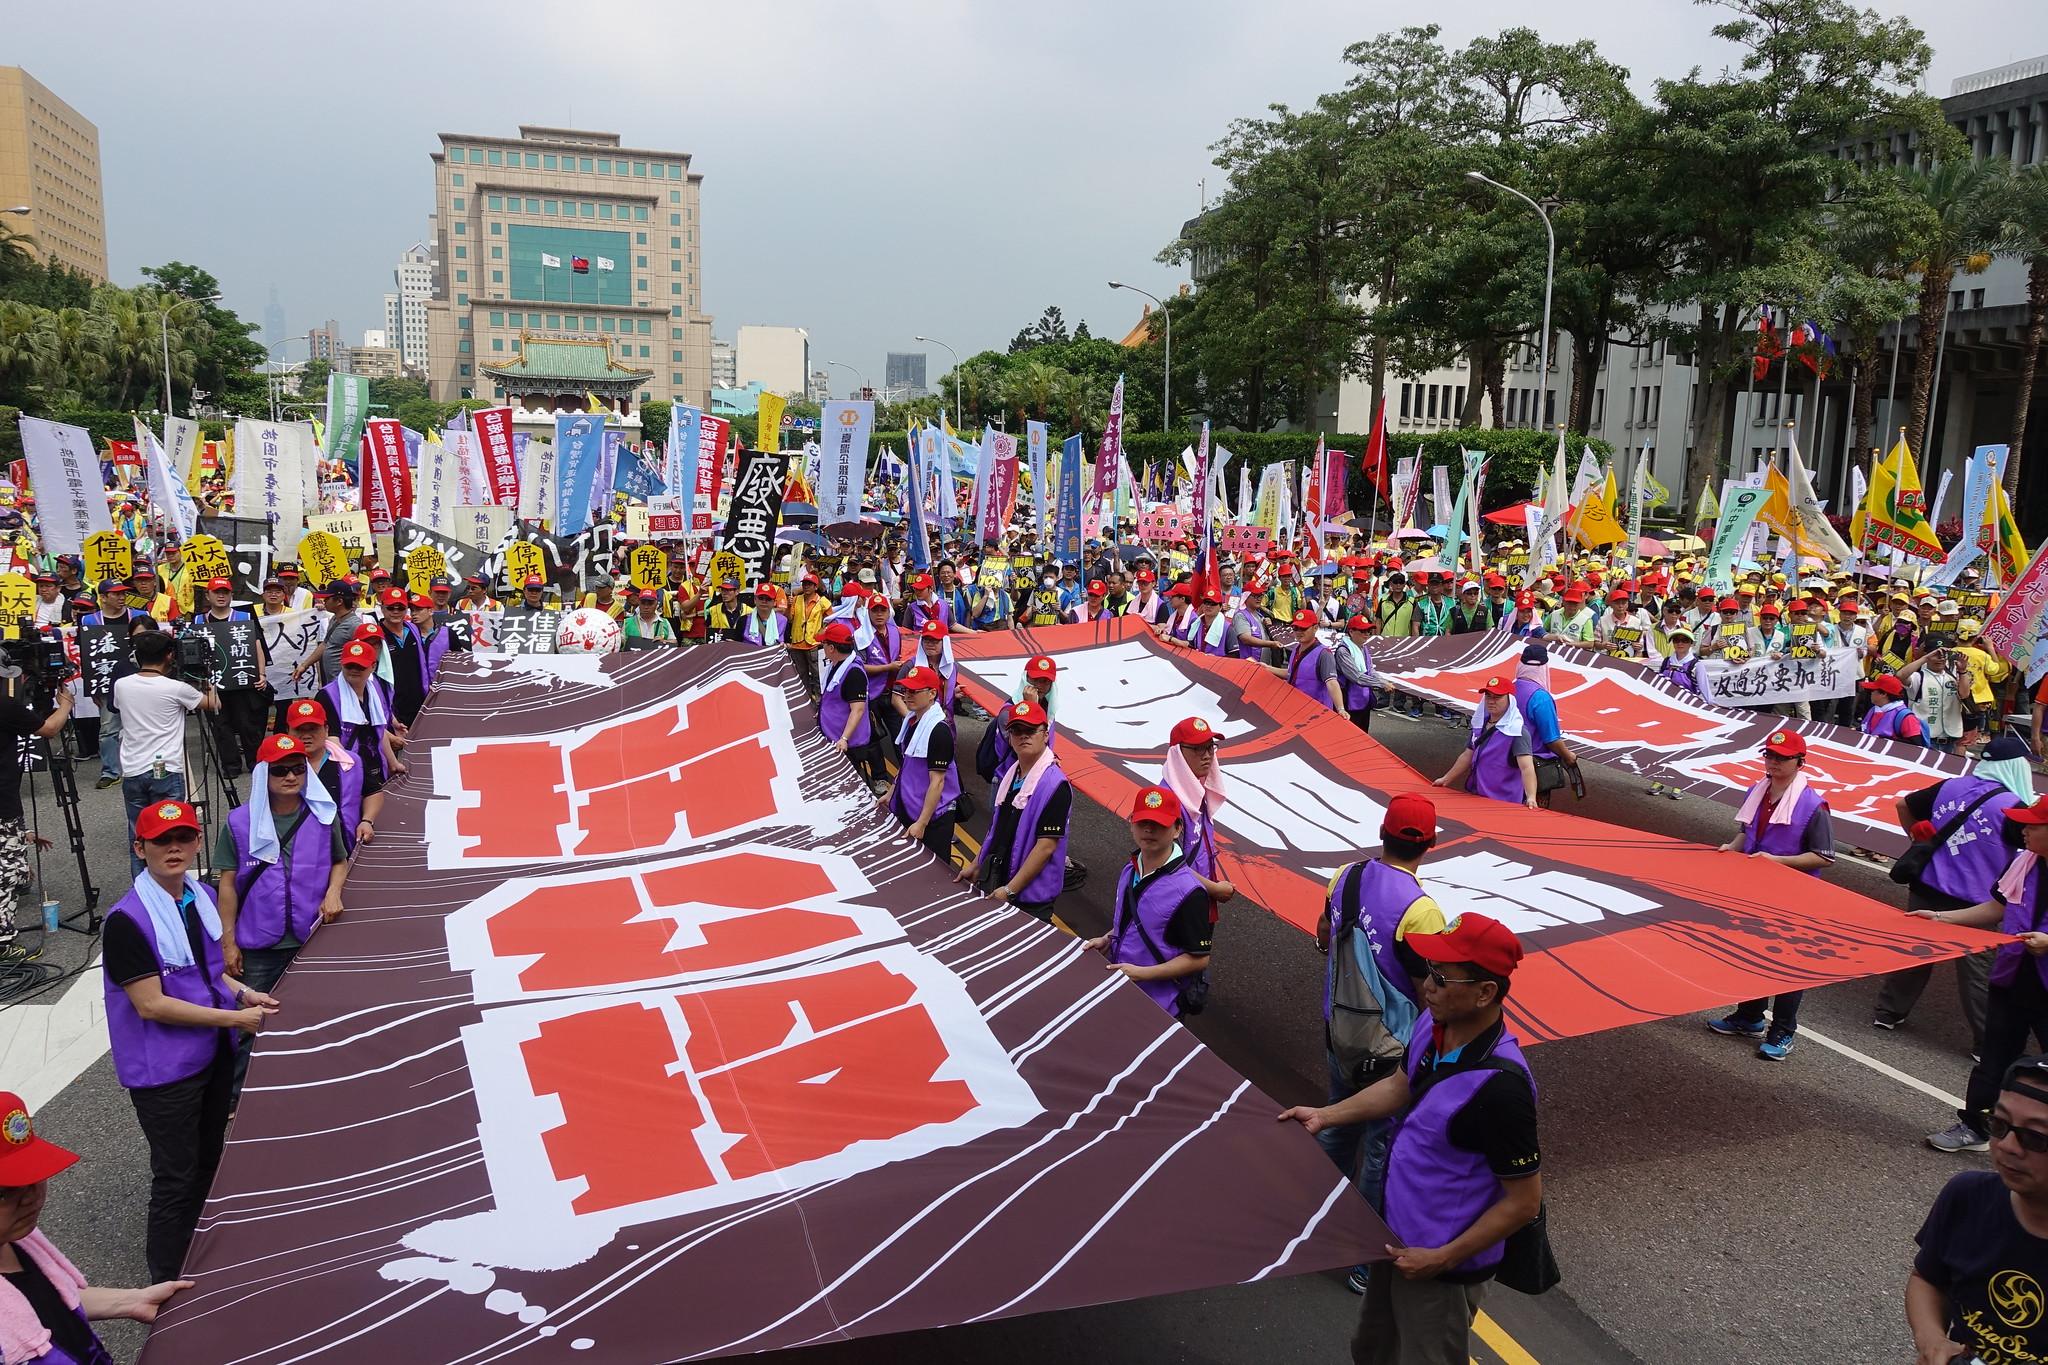 參與五一遊行的勞工集結在凱道。(攝影:張智琦)